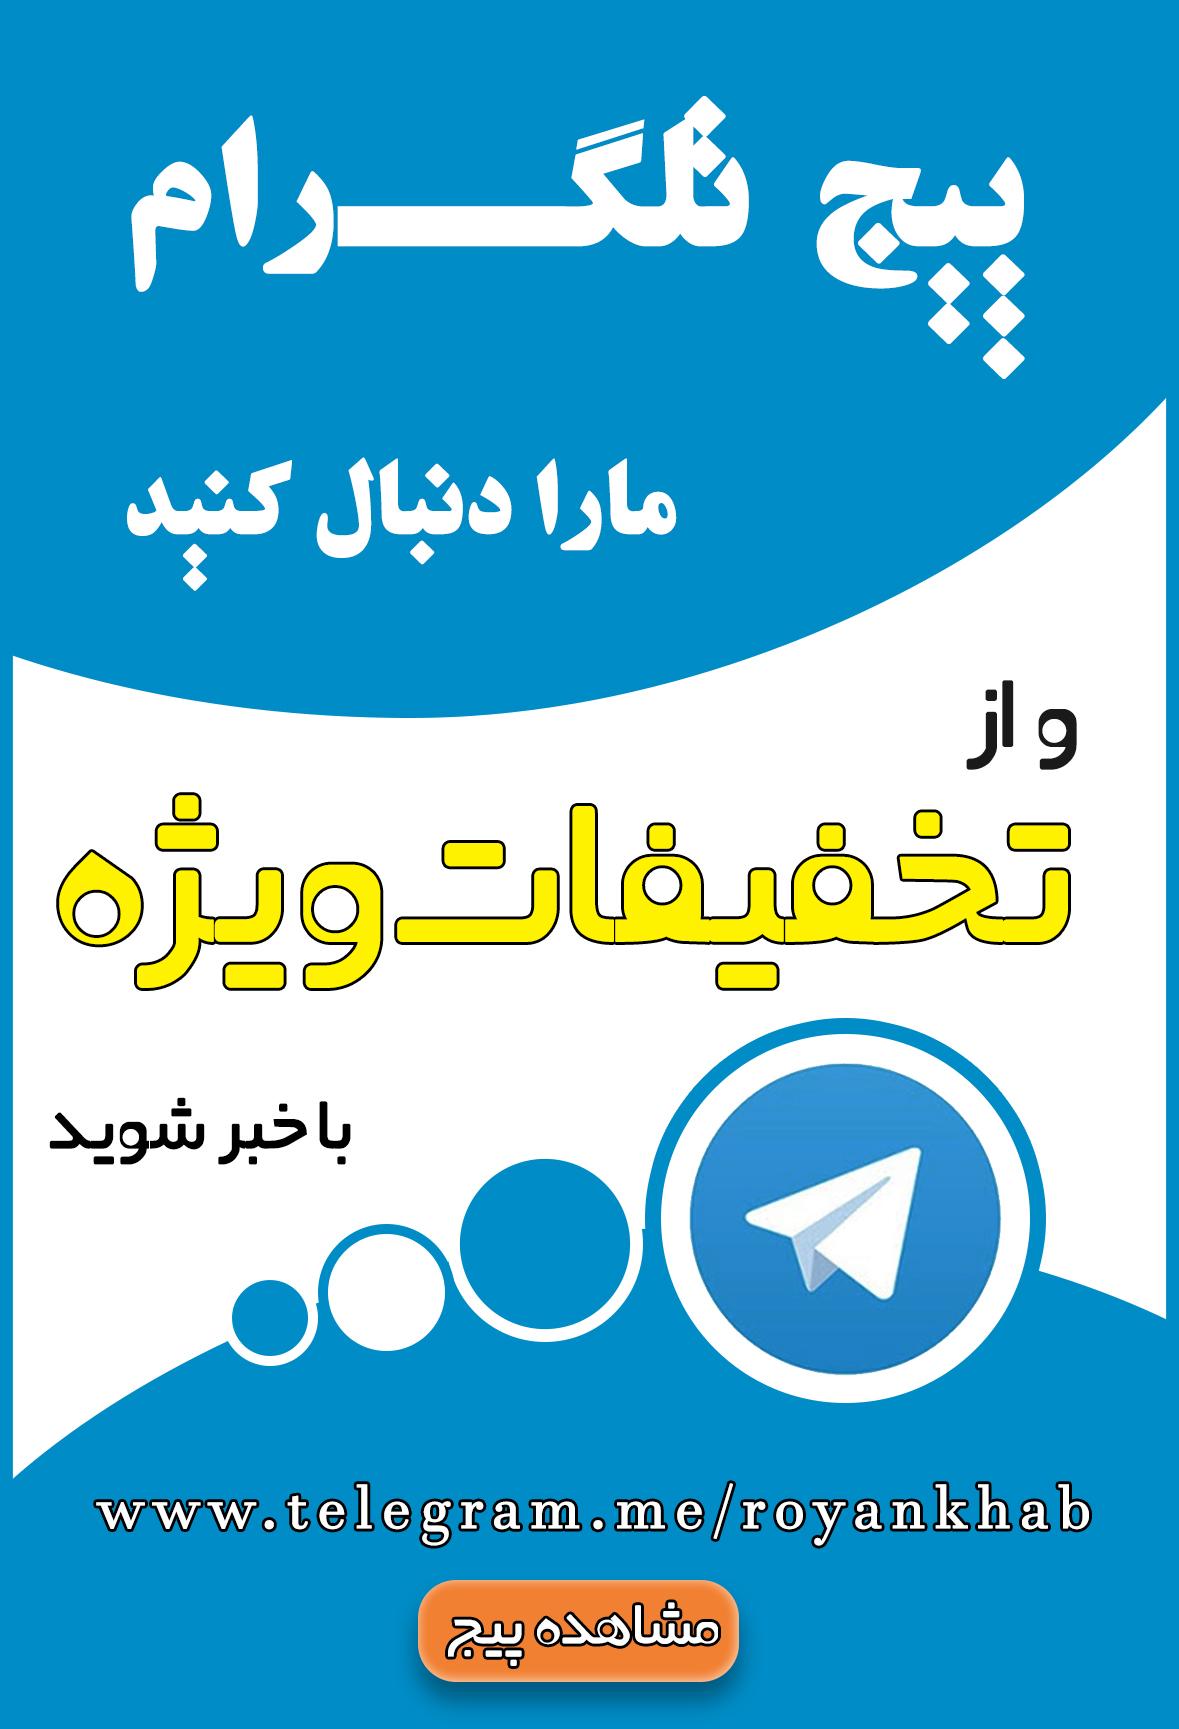 تلگرام رویان خواب